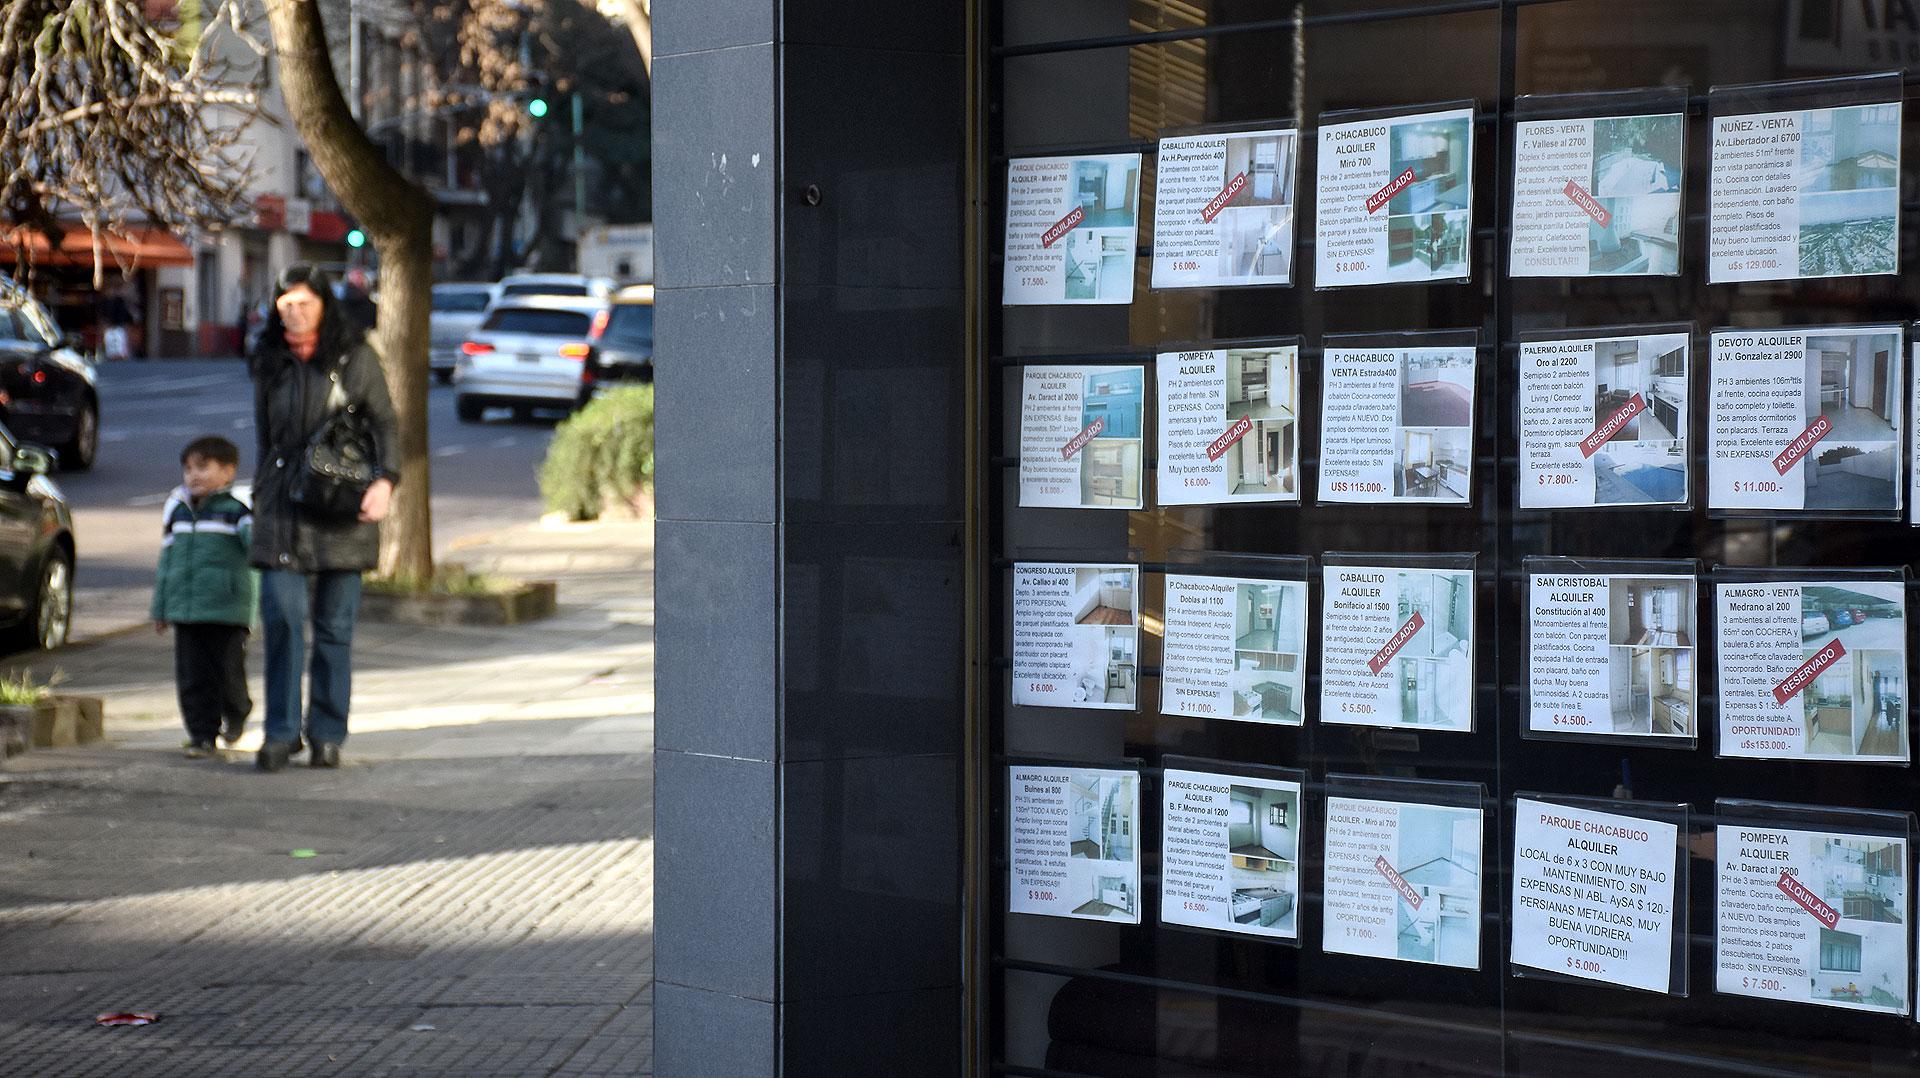 Los alquileres en la ciudad de Buenos Aires tiene un valor promedio de más de $14.000